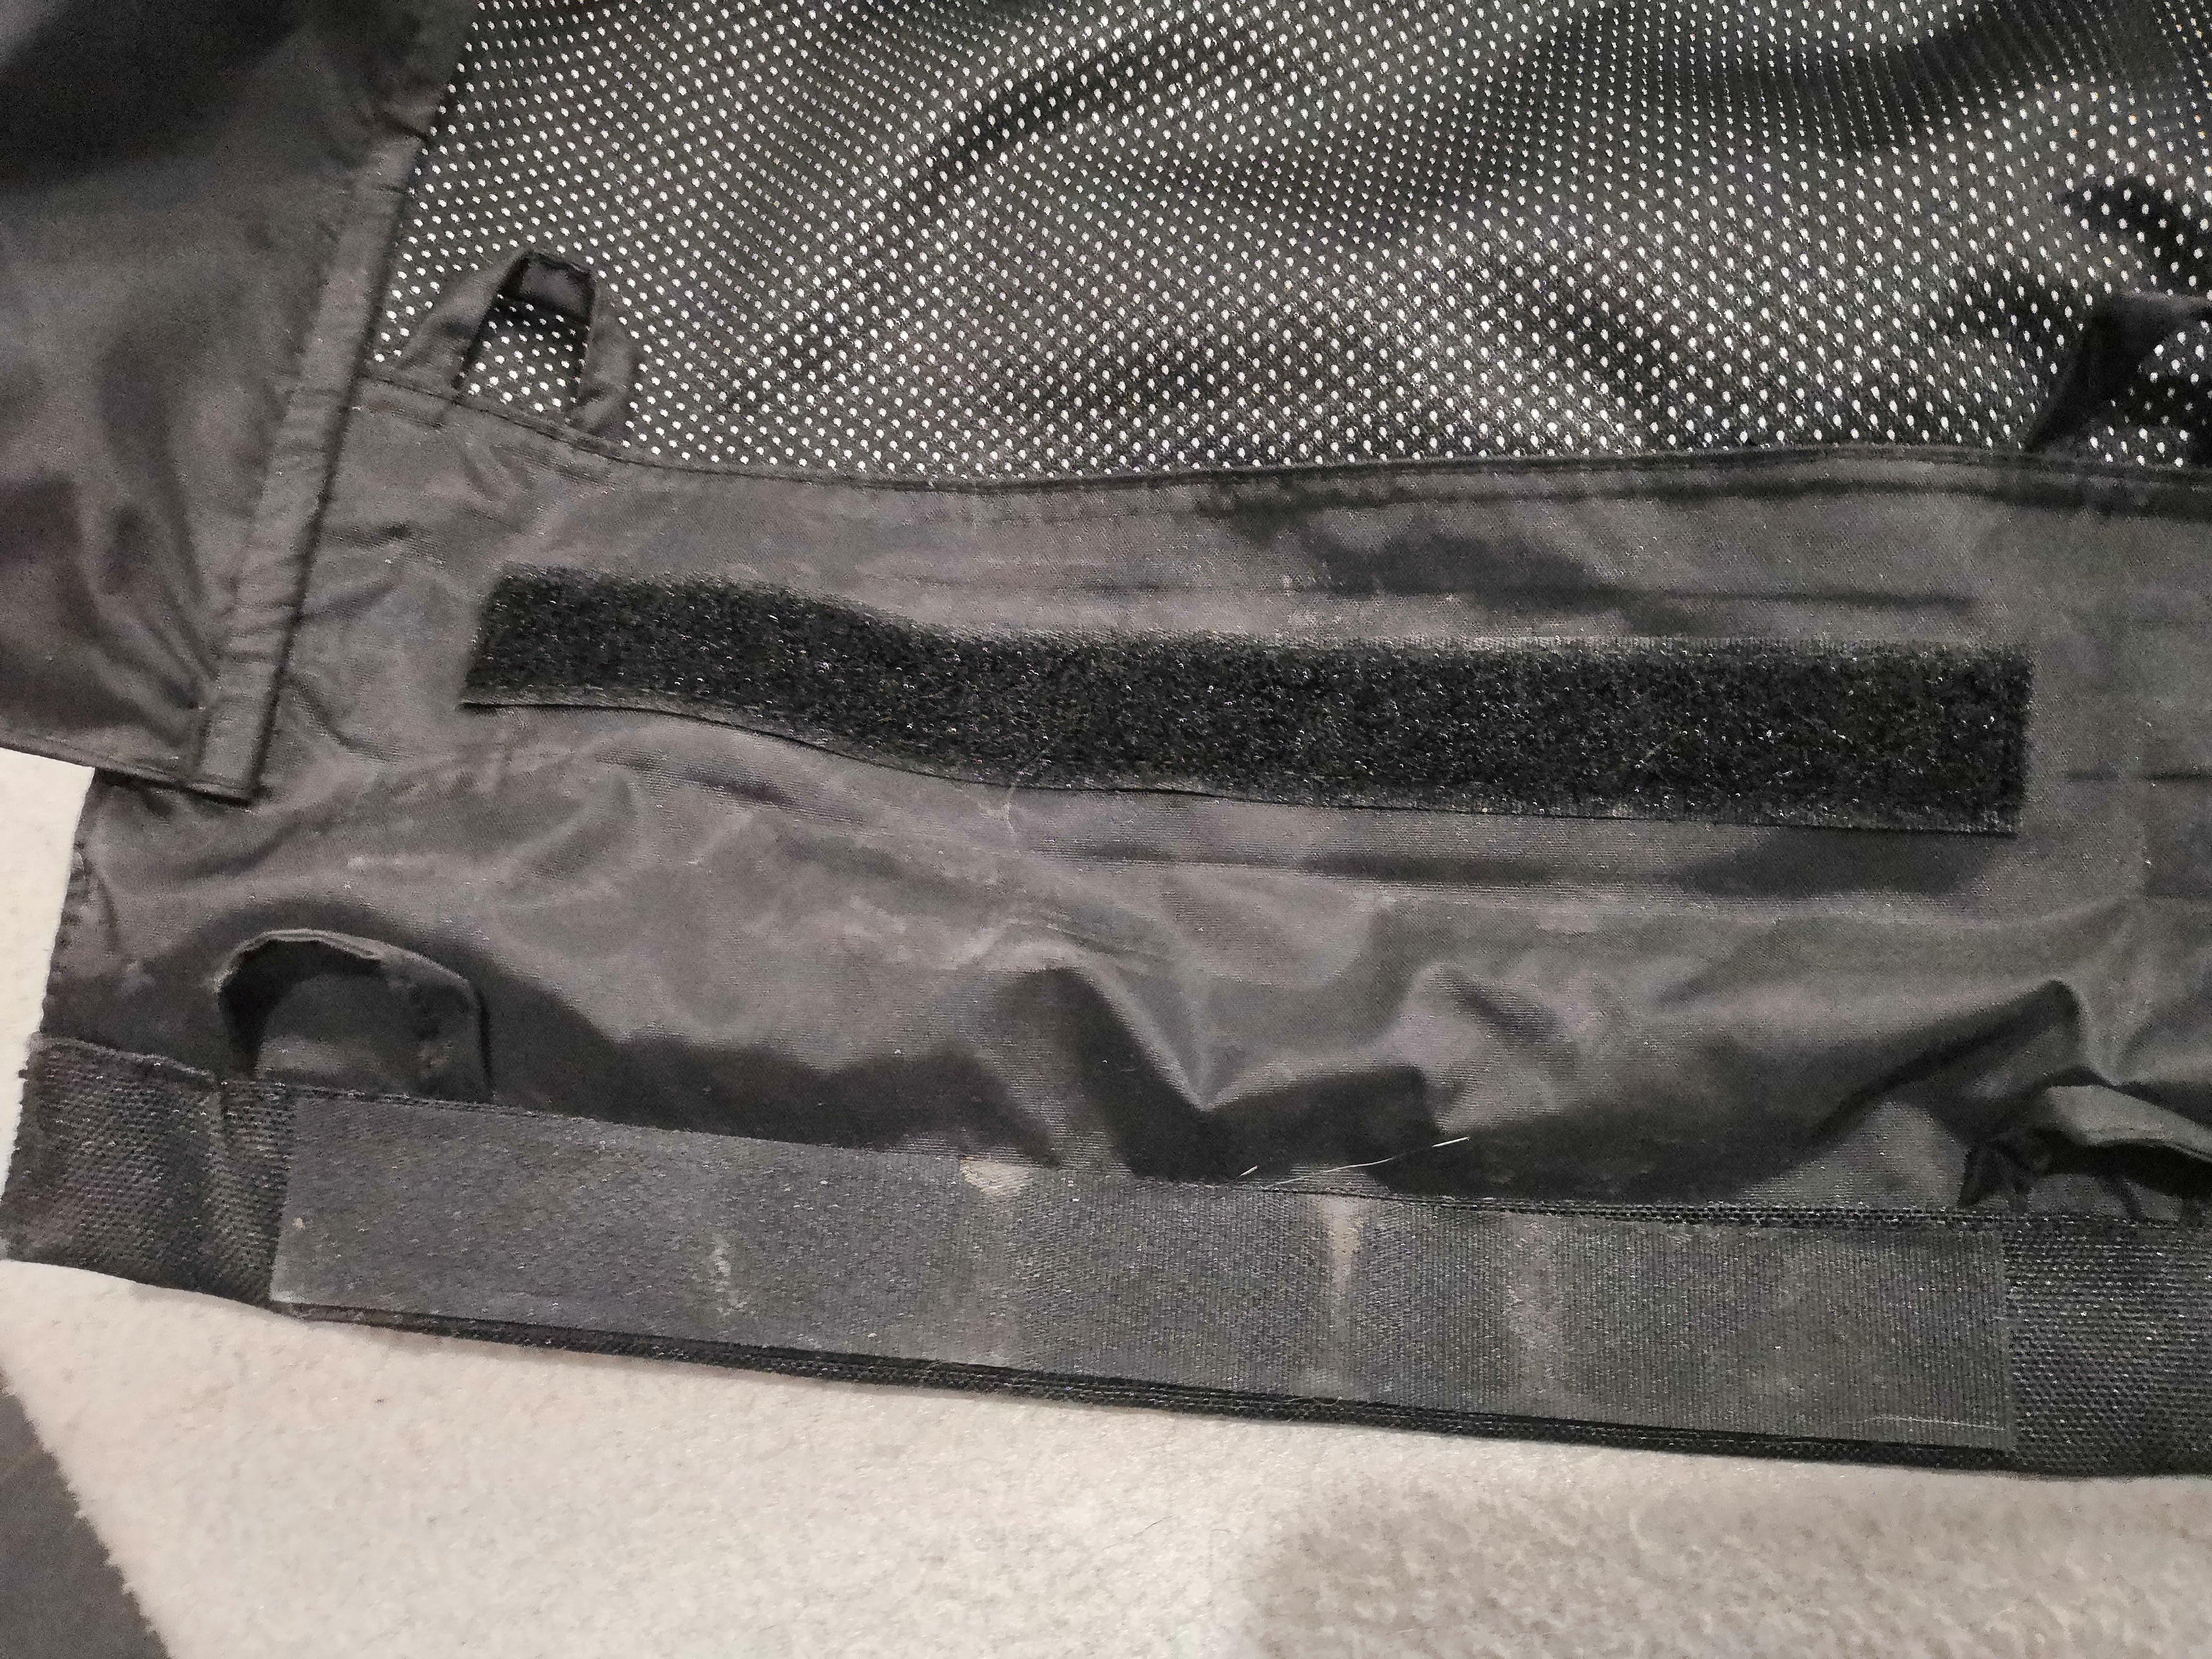 Réglage de longueur du pantalon Bering Dusty